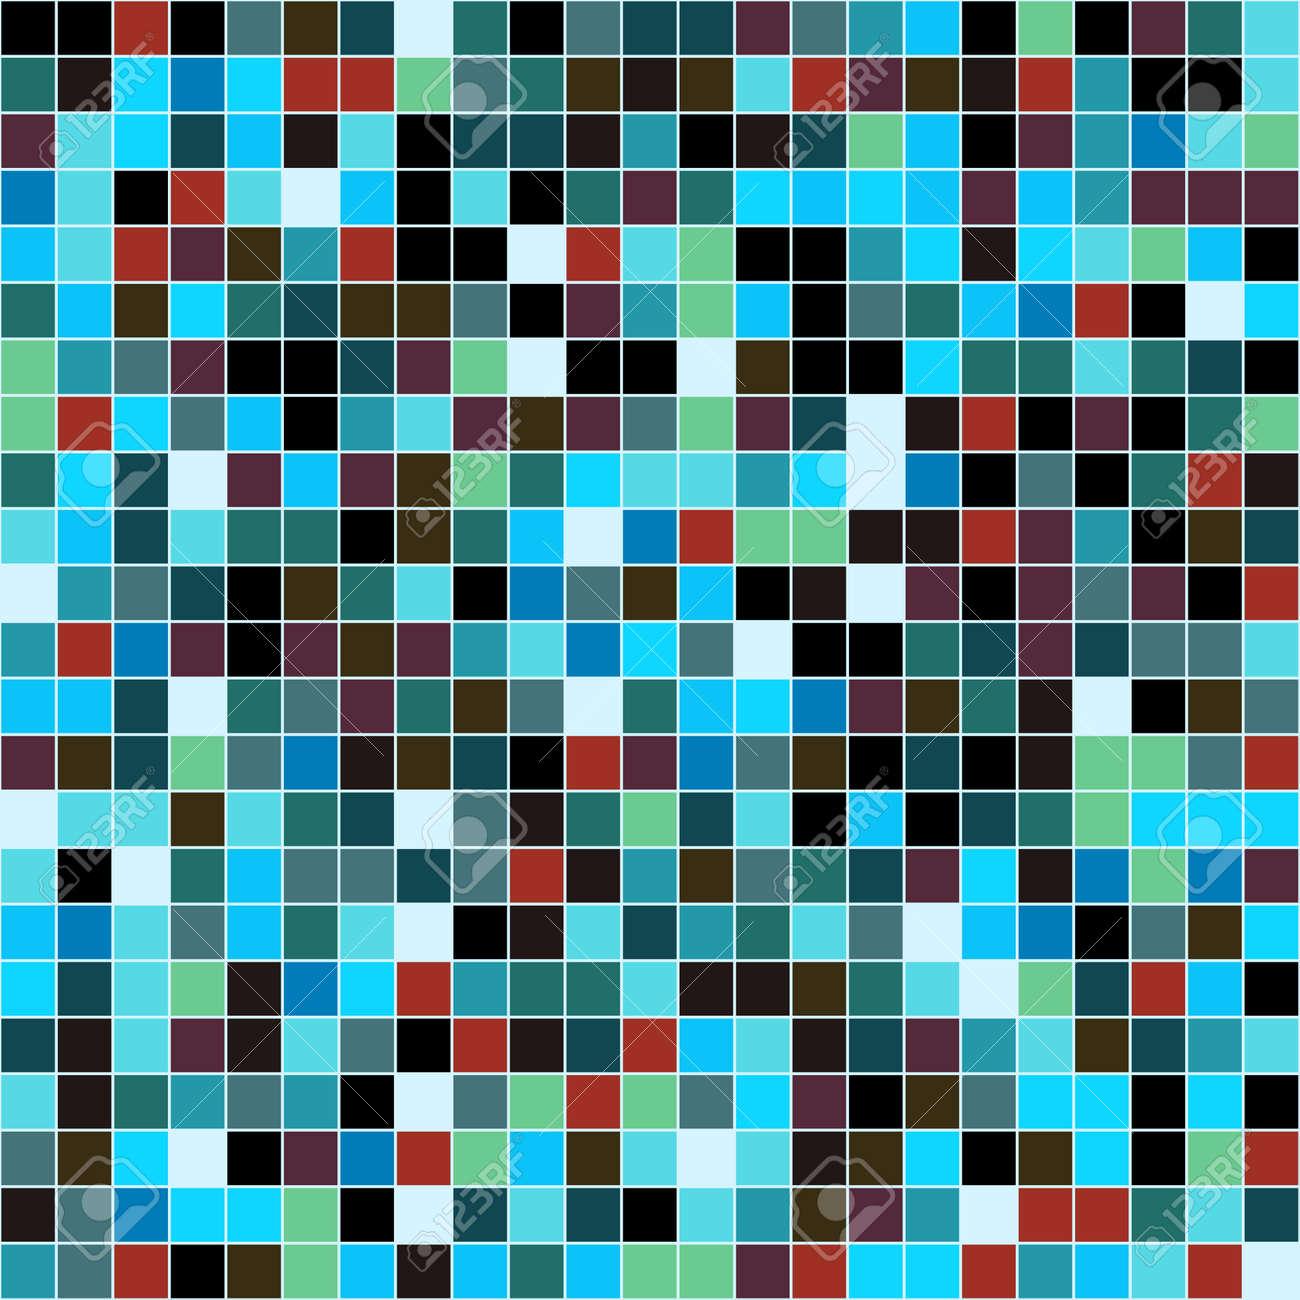 Les Carreaux De Mosaïque Modèle De Vecteur De Texture Pixel Carré De Fond Sans Soudure